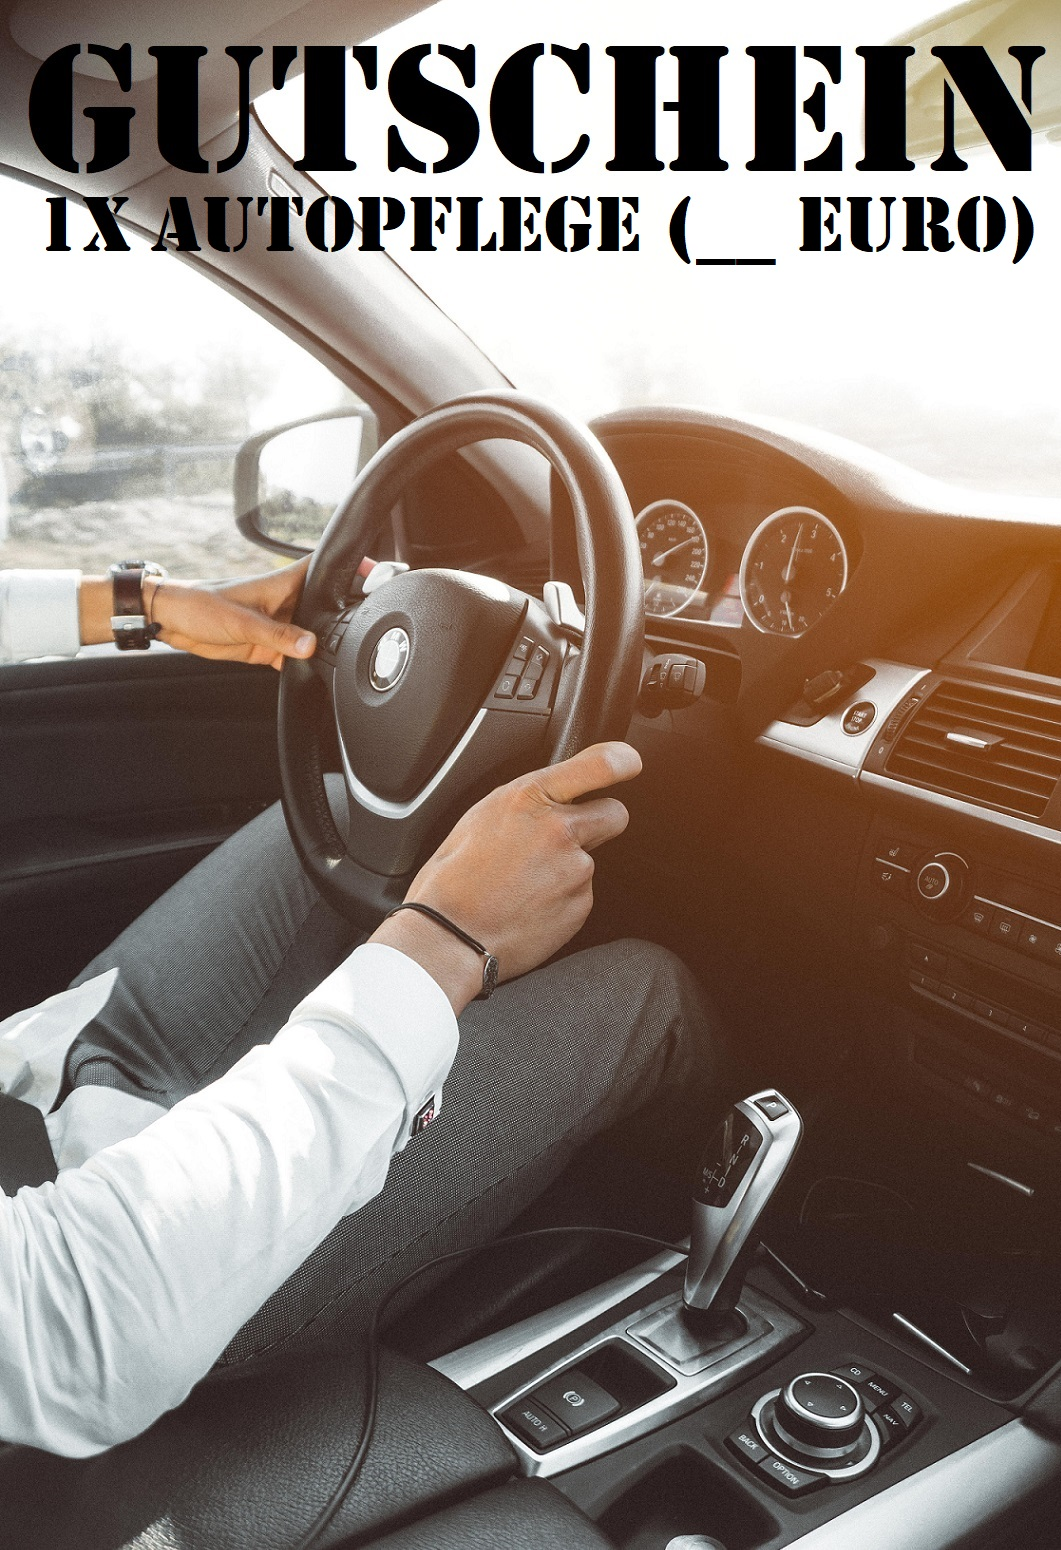 Gutscheinvorlage für die Autopflege